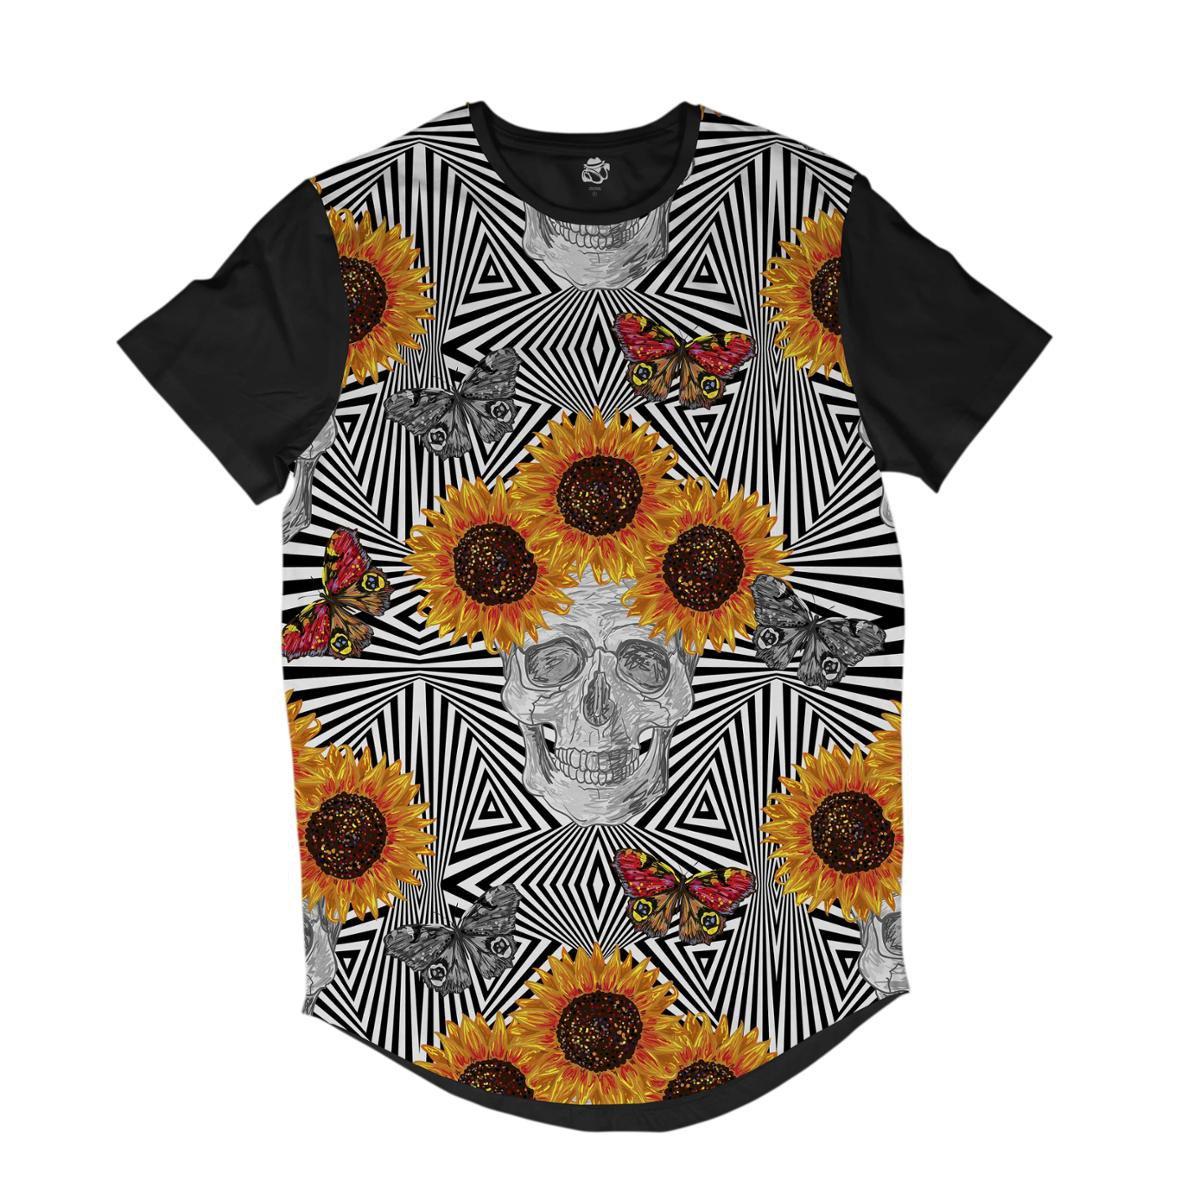 Camiseta Longline BSC Padrões e Listras Caveira Girassol Sublimada    Masculina - Branco - Compre Agora  d43e4283d6b